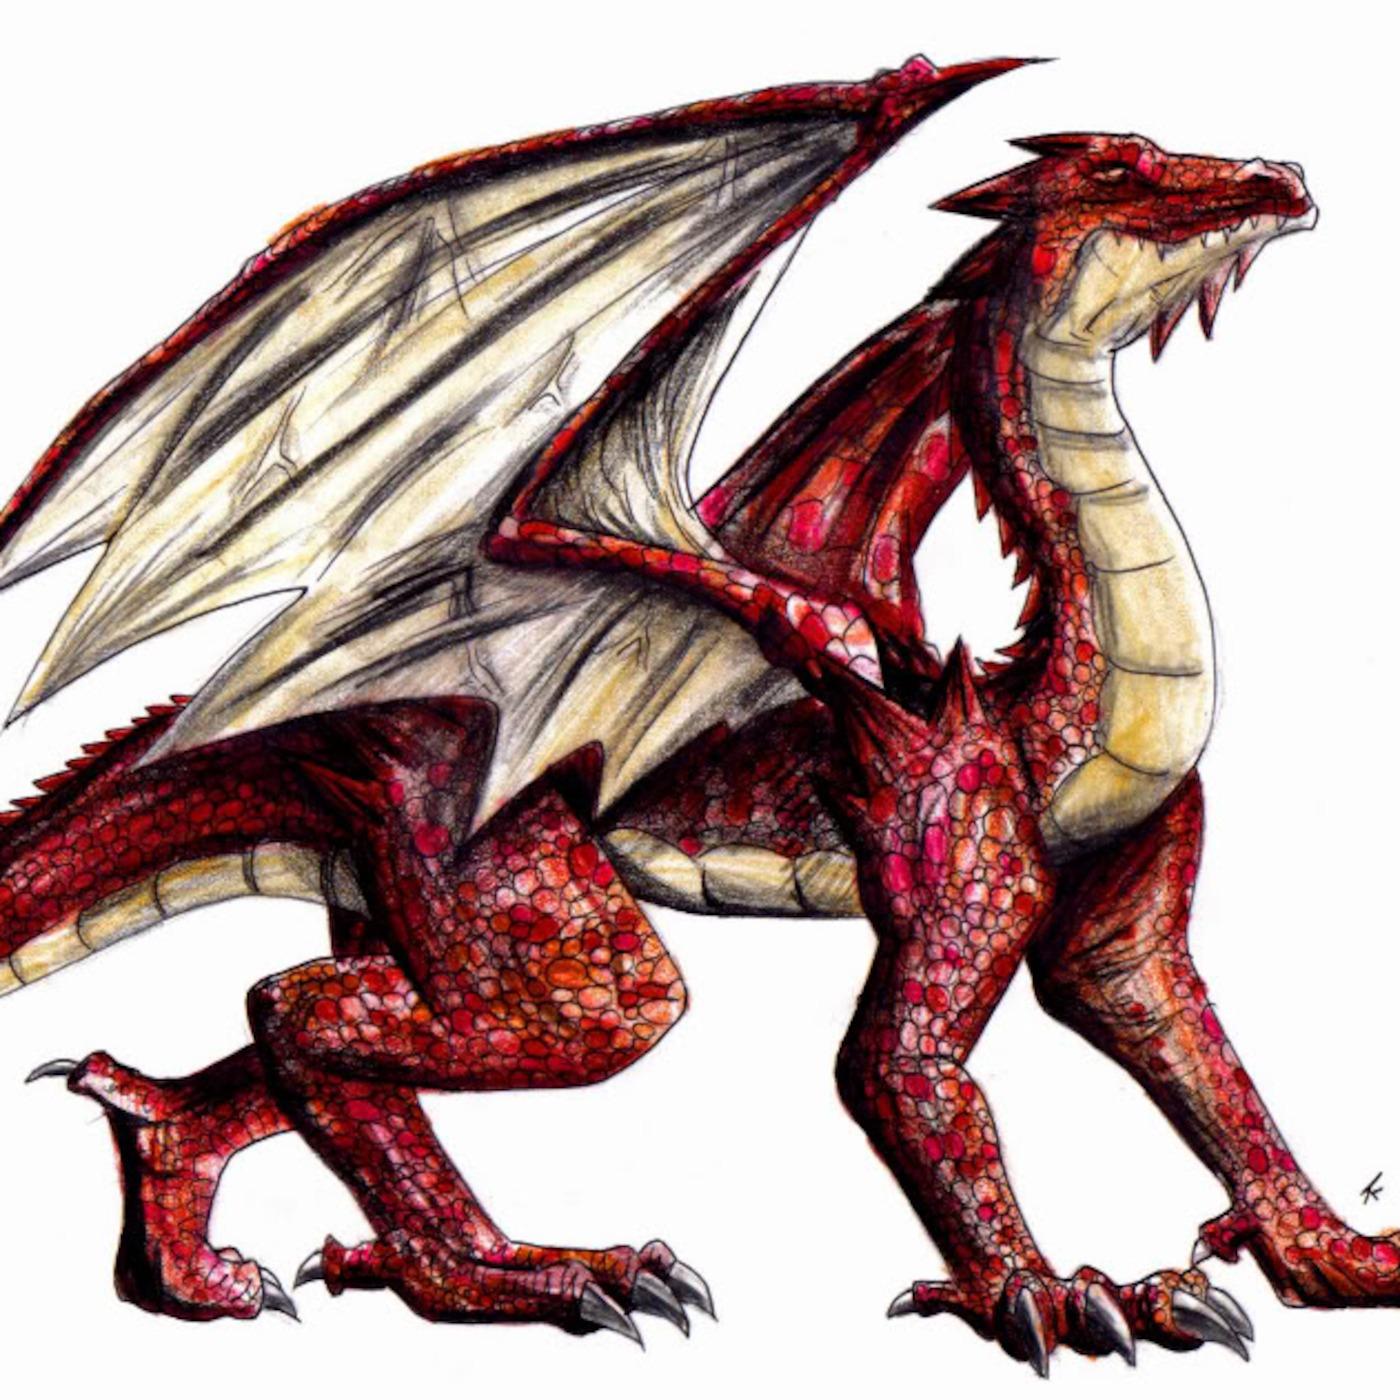 Avsnitt 13 - Dónde están mis dragones